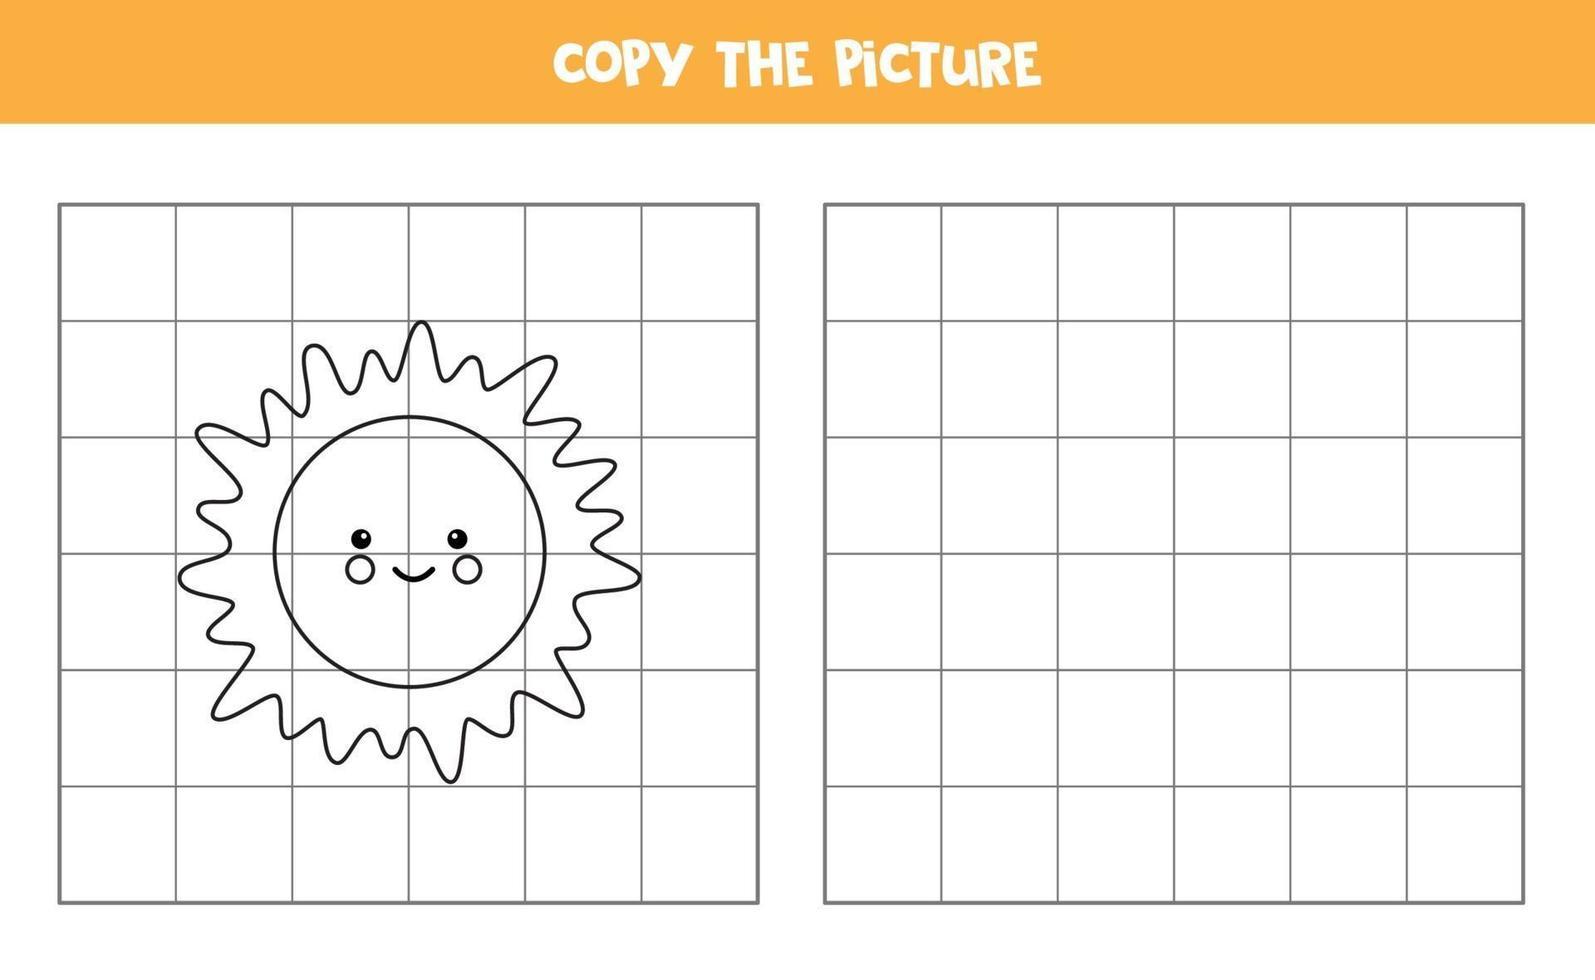 kopieer de afbeelding. schattige zon. logisch spel voor kinderen. vector